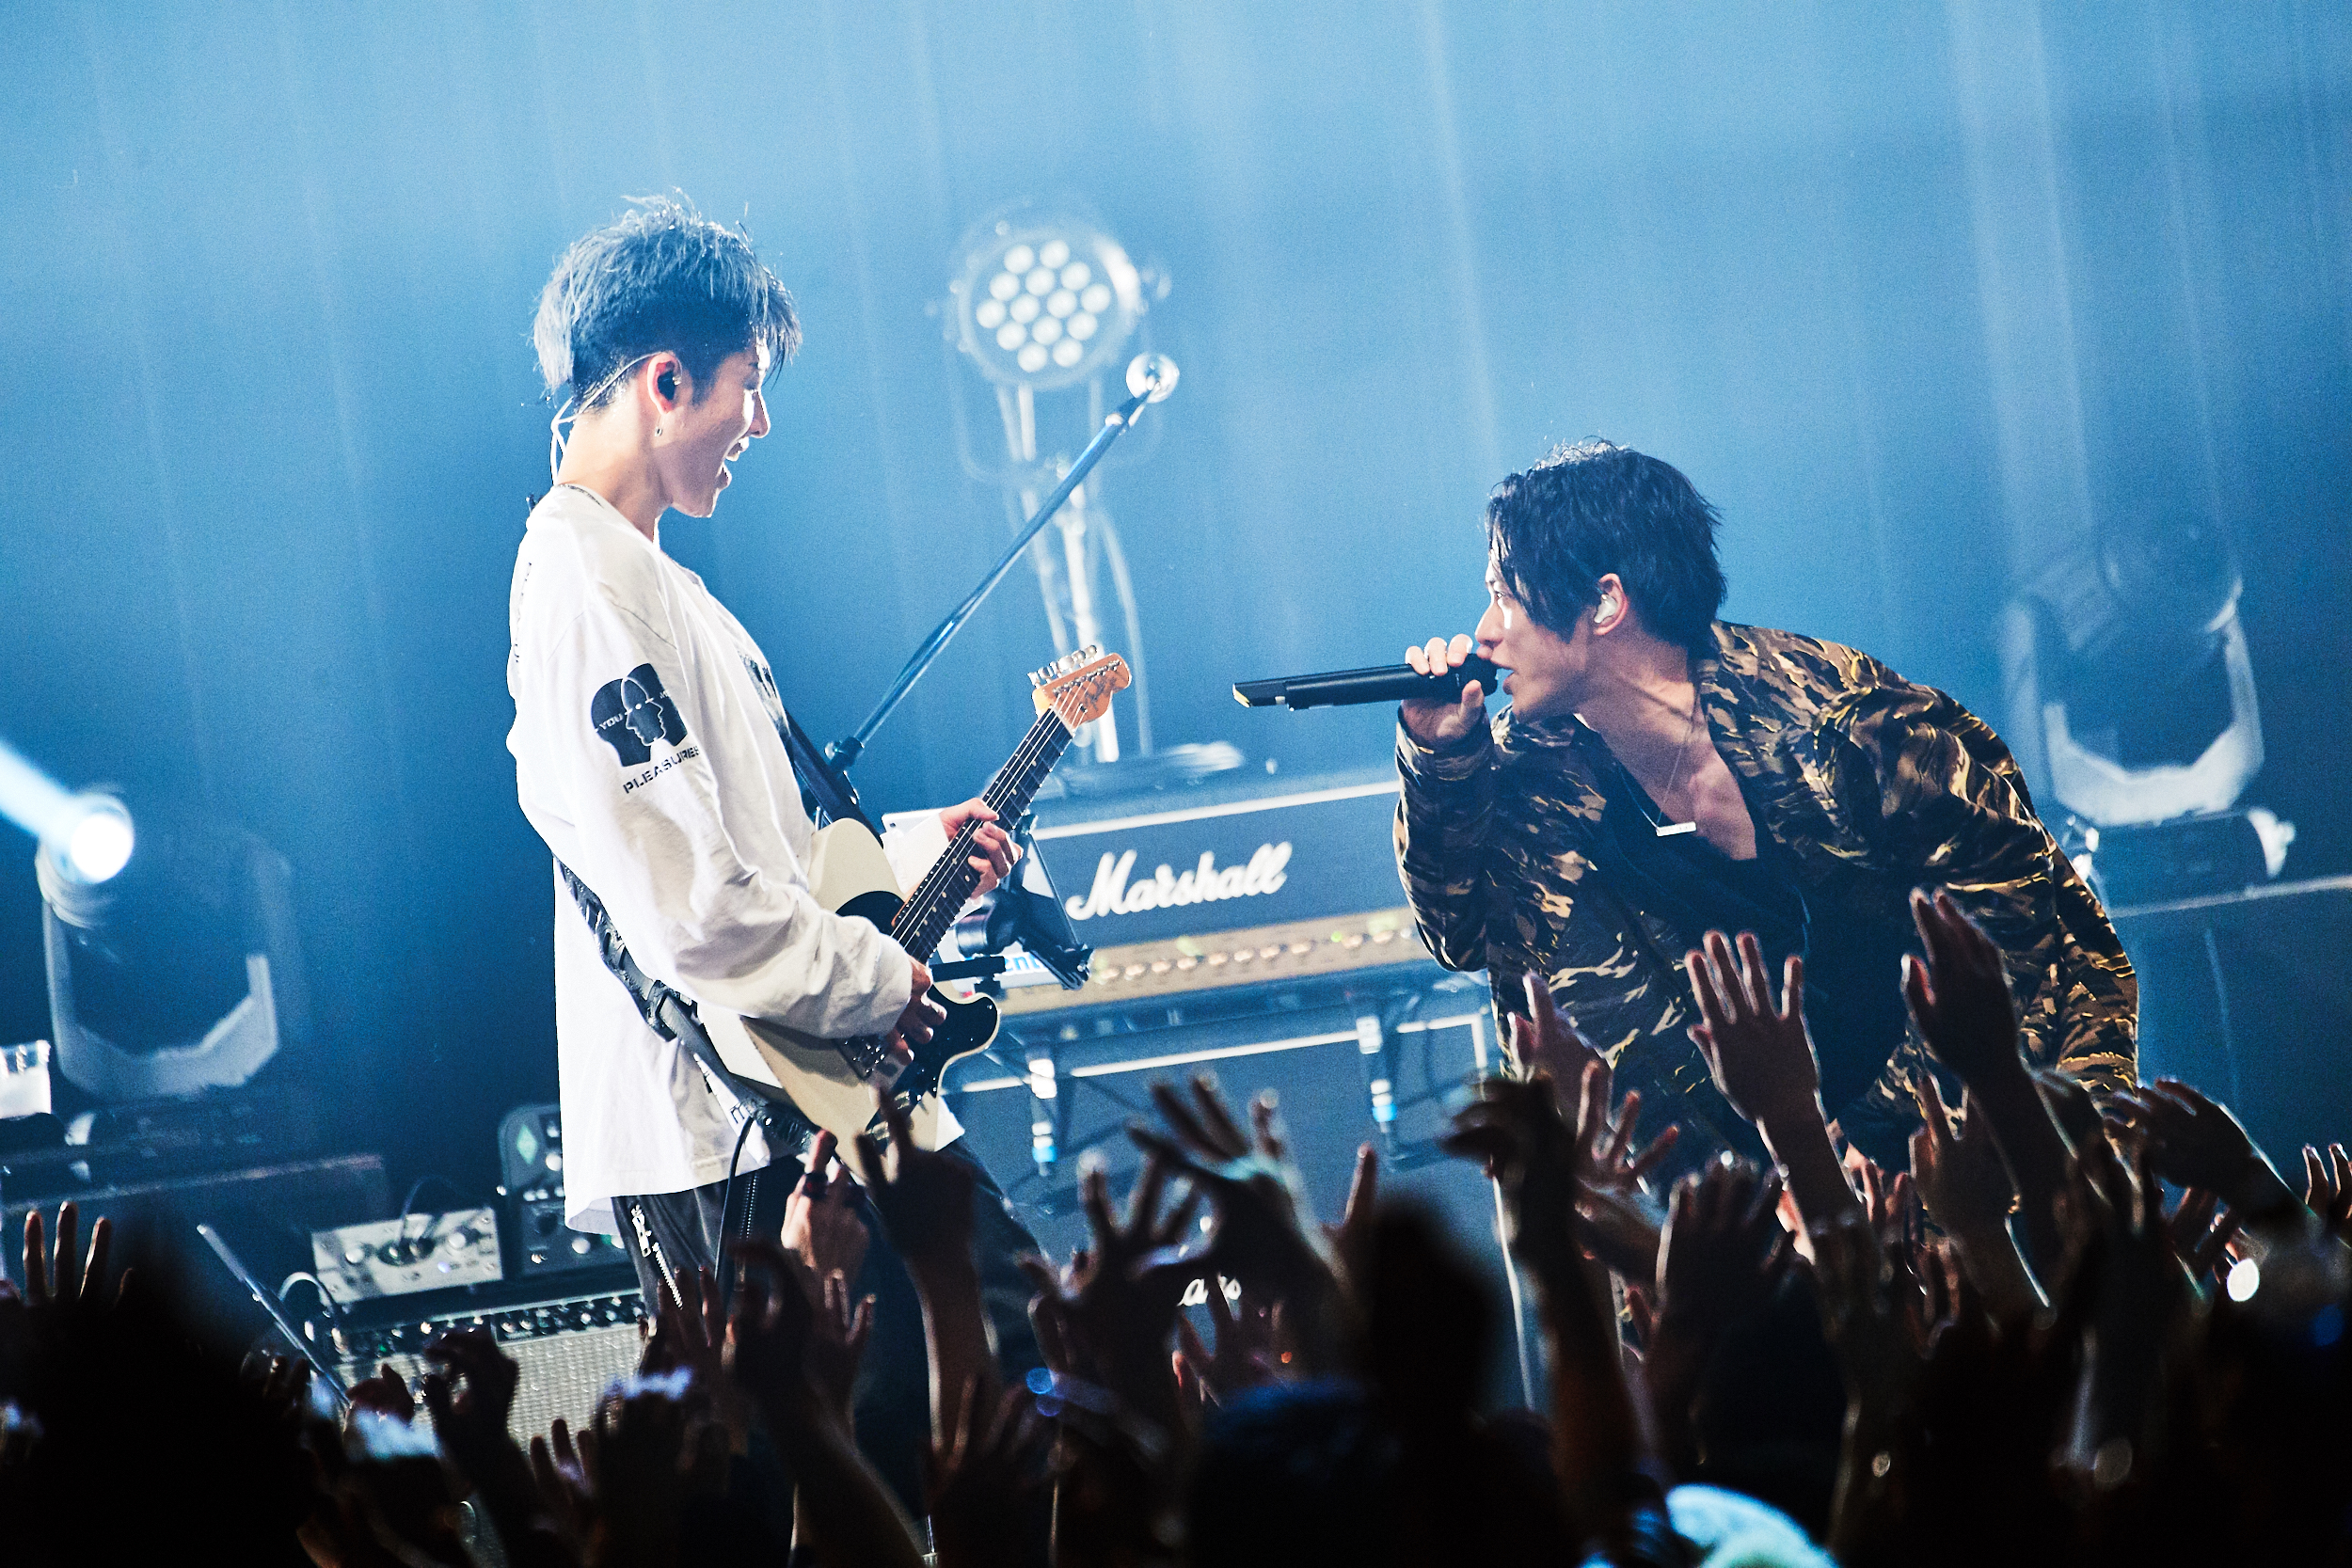 """世界的ギタリストMIYAVIツアー""""Day 2 Begins"""" 最終公演にサプライズでEXILE SHOKICHI、SKY-HI、ちゃんみな、Masato (coldrain)ら登場"""